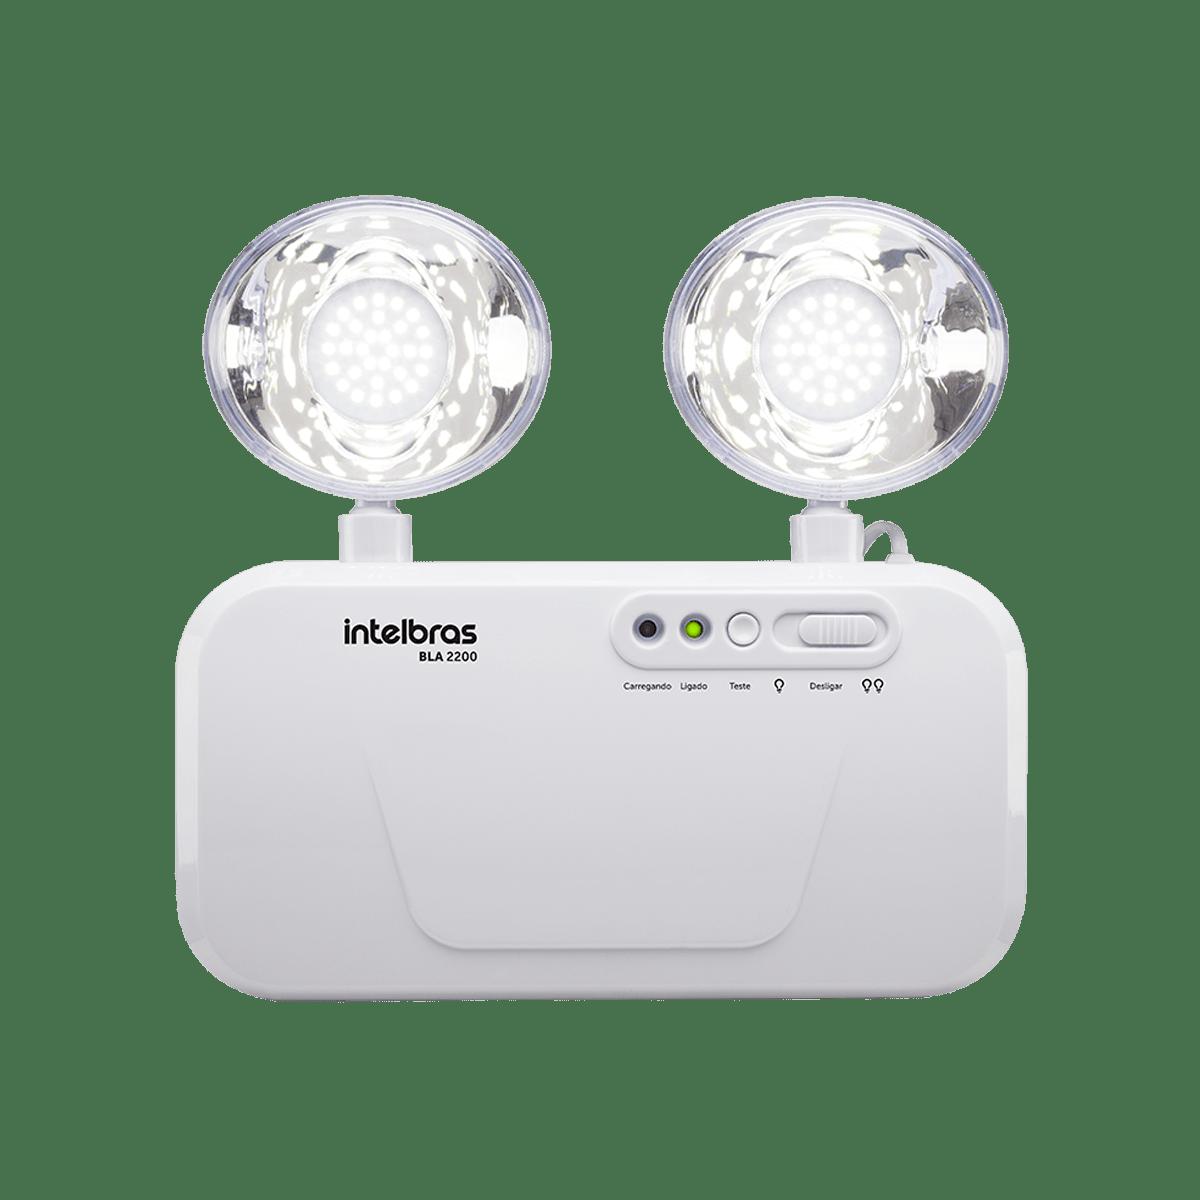 Bloco de Iluminação de Emergência Intelbras BLA 1200